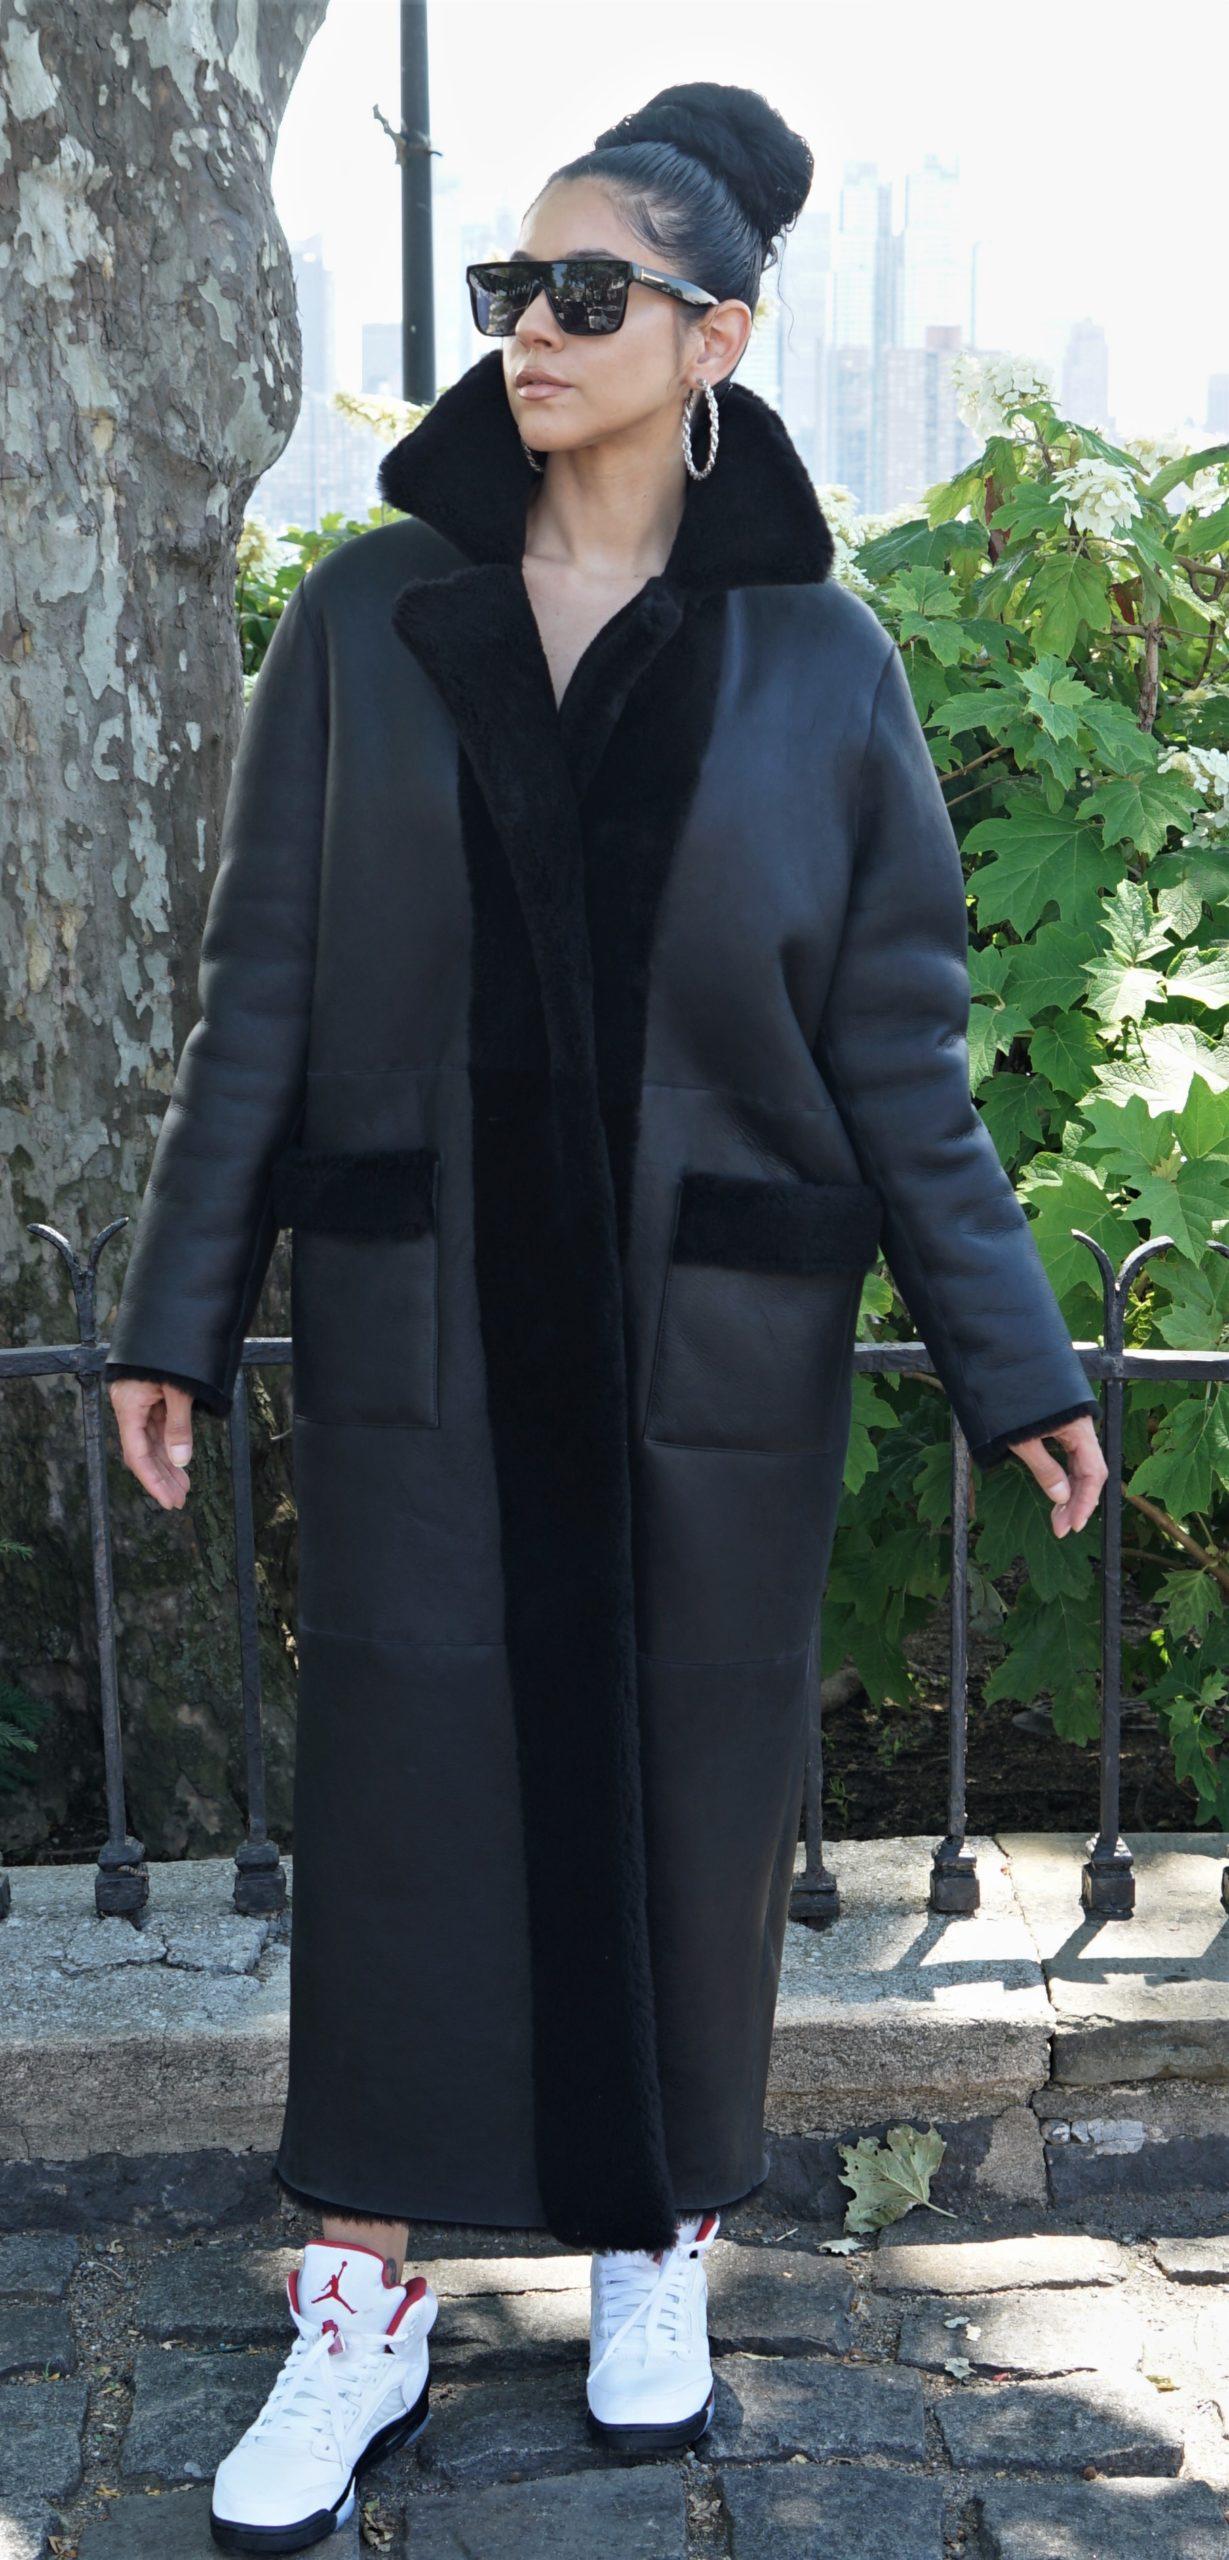 Classic Shearling Full Length Coat Woman's